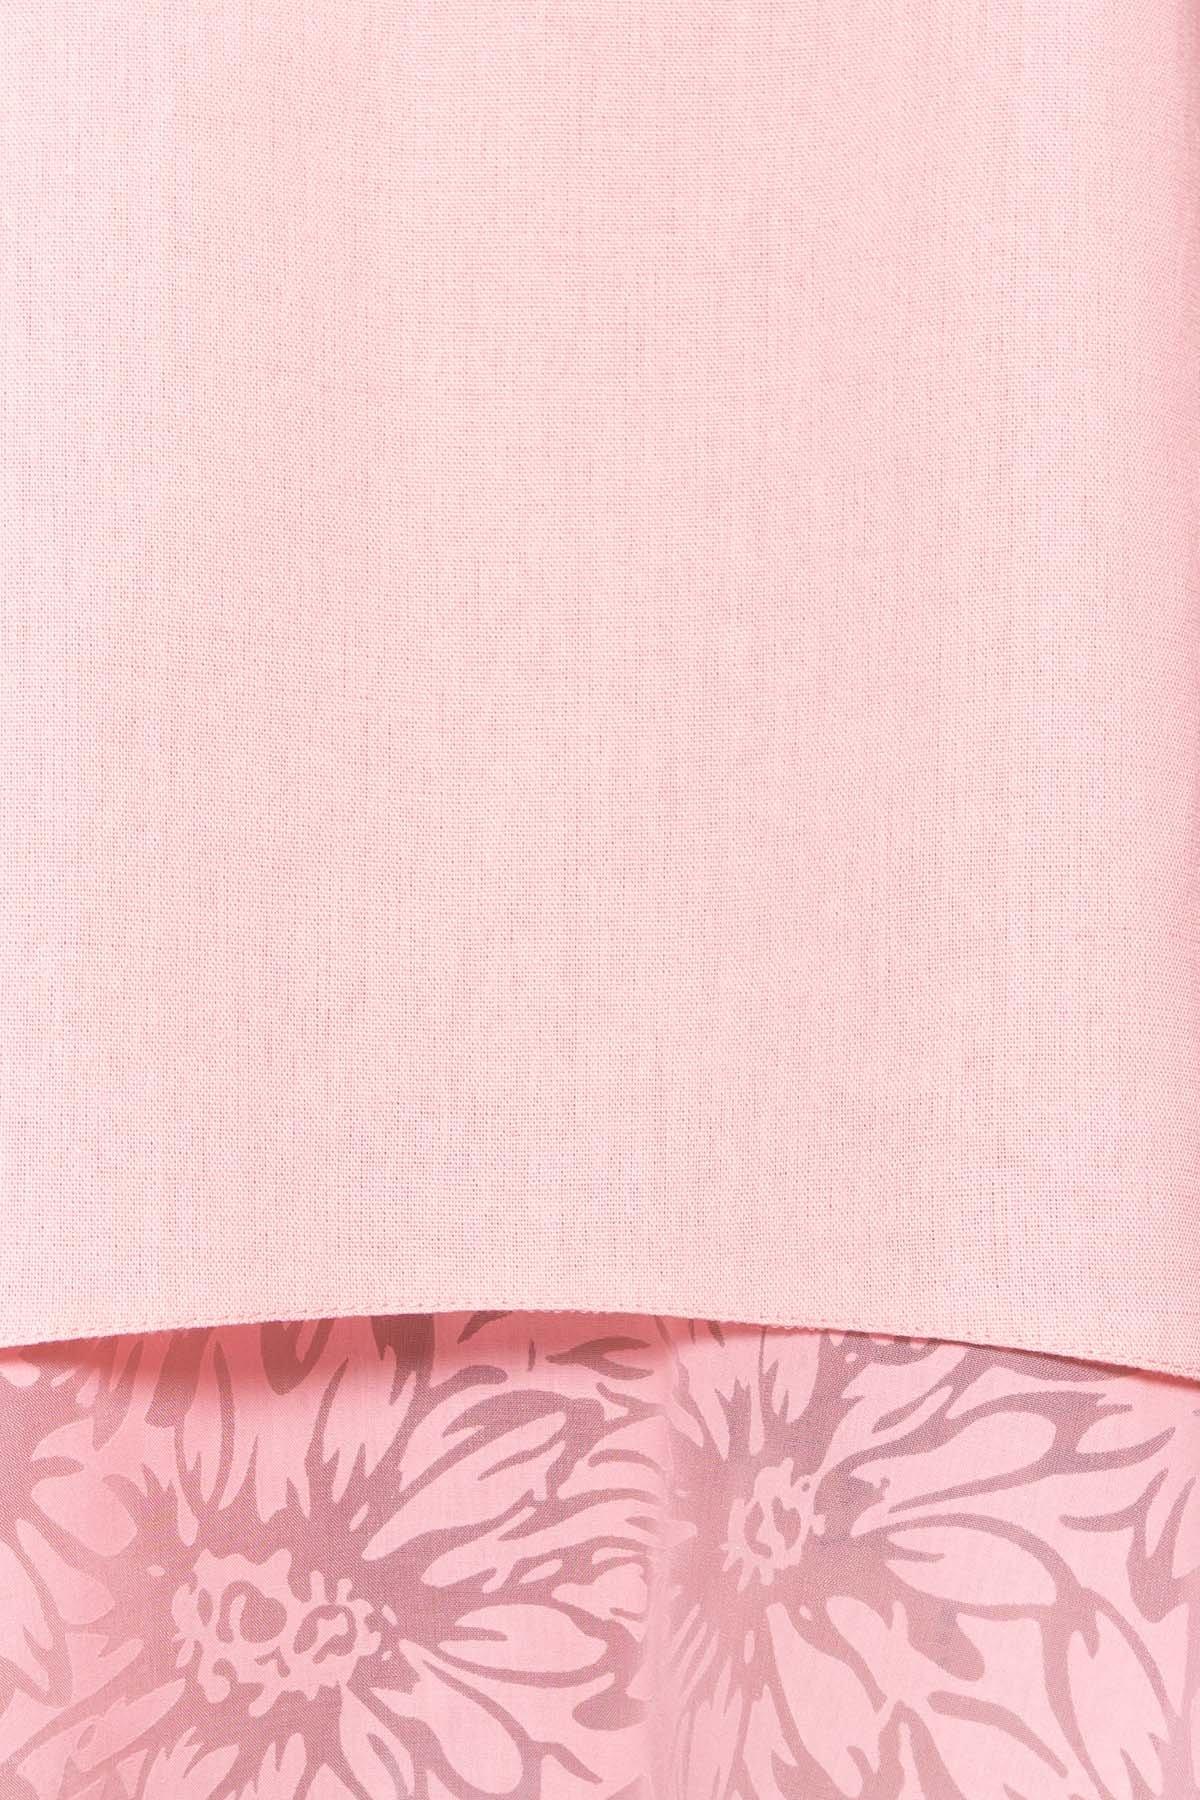 Платье Романтик 4986 АРТ. 35307 Цвет: Пудра 7 - фото 4, интернет магазин tm-modus.ru